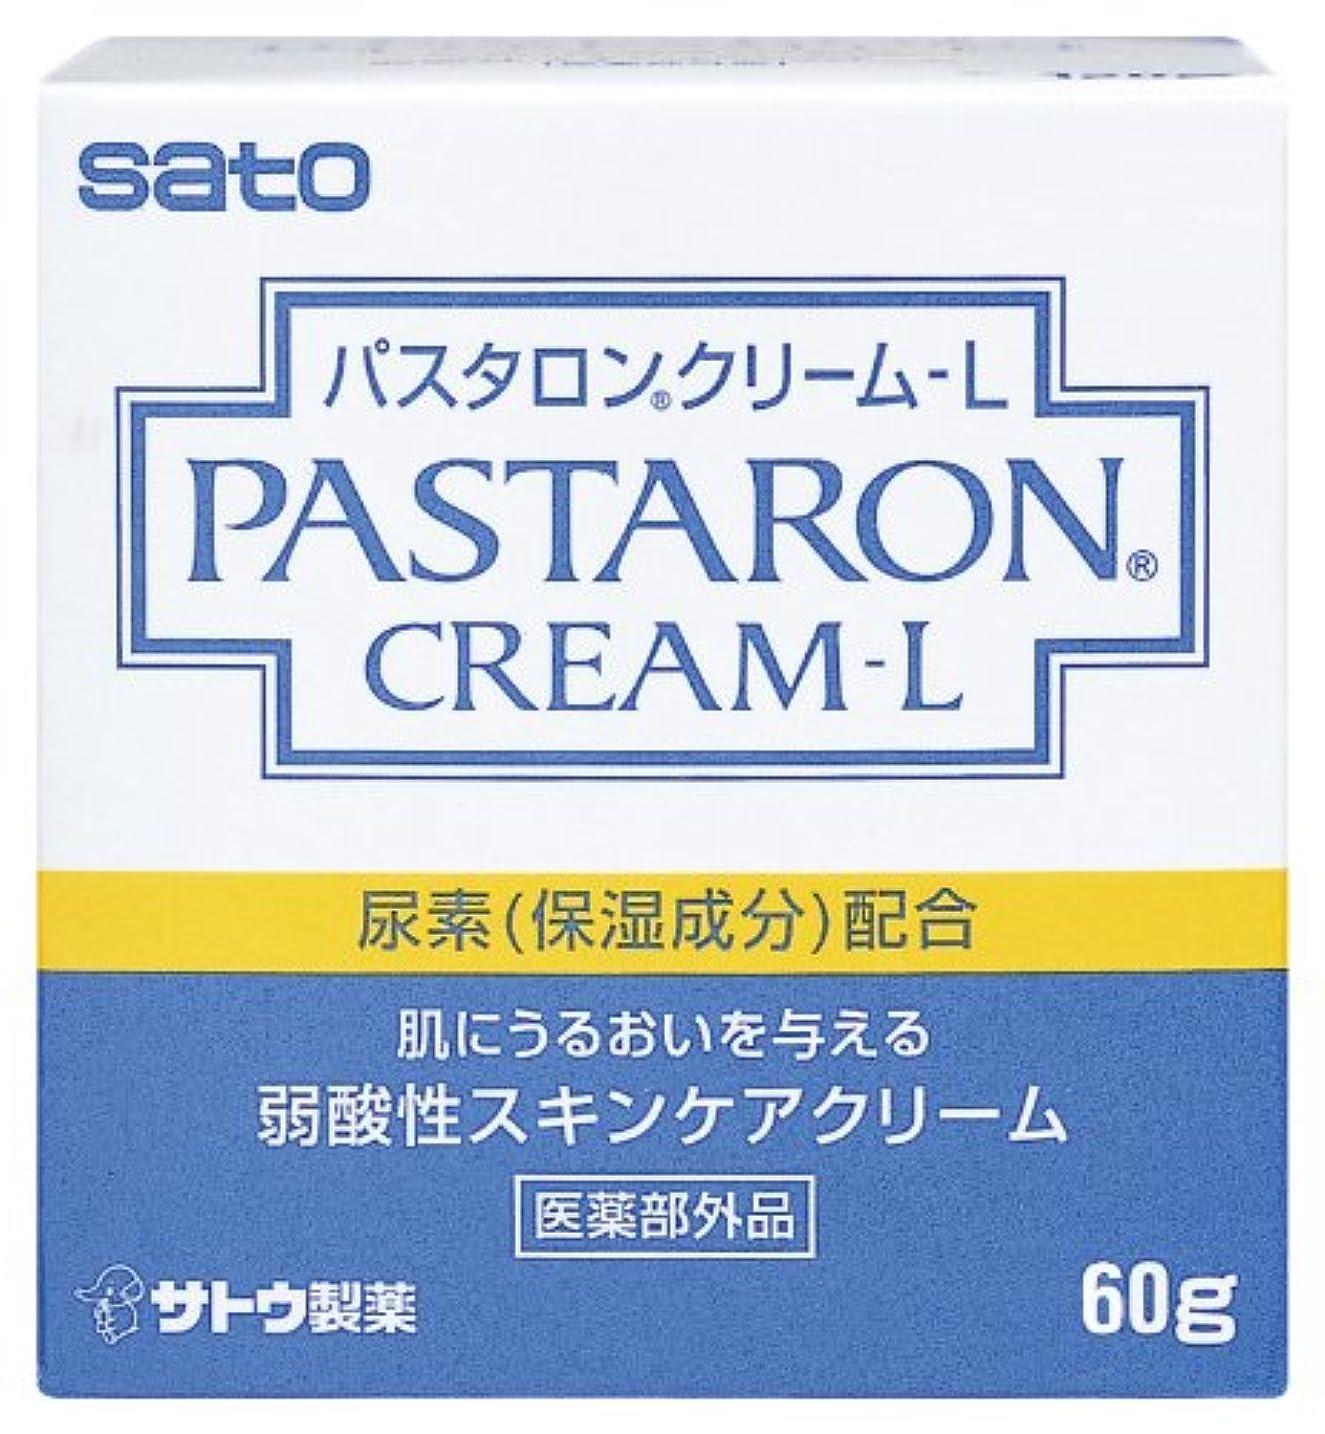 分配します巧みな曲げるパスタロンクリーム-L 60g